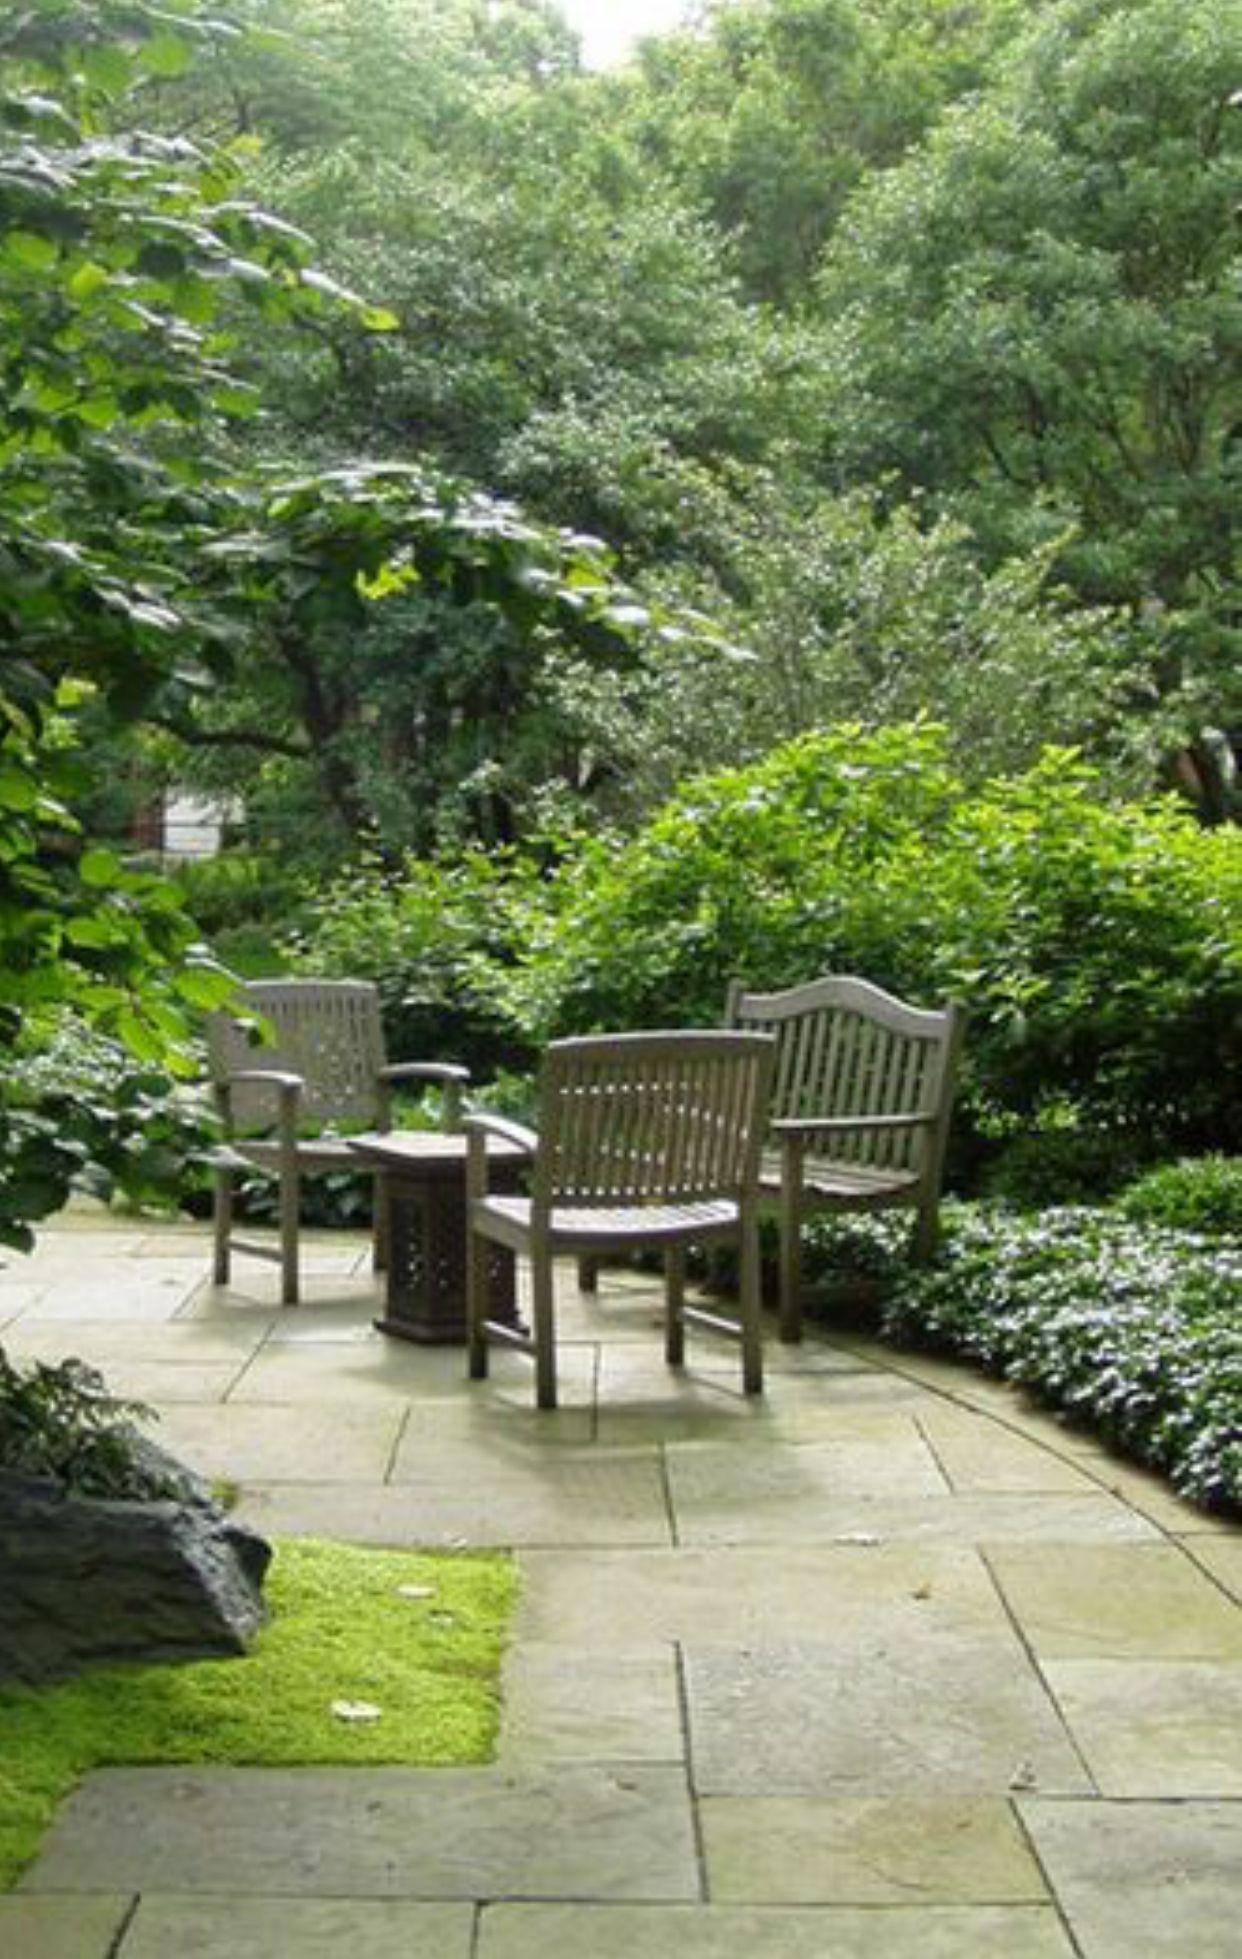 Pin By Oscar Cardenas On Landscaping Small Patio Garden Cottage Garden Backyard